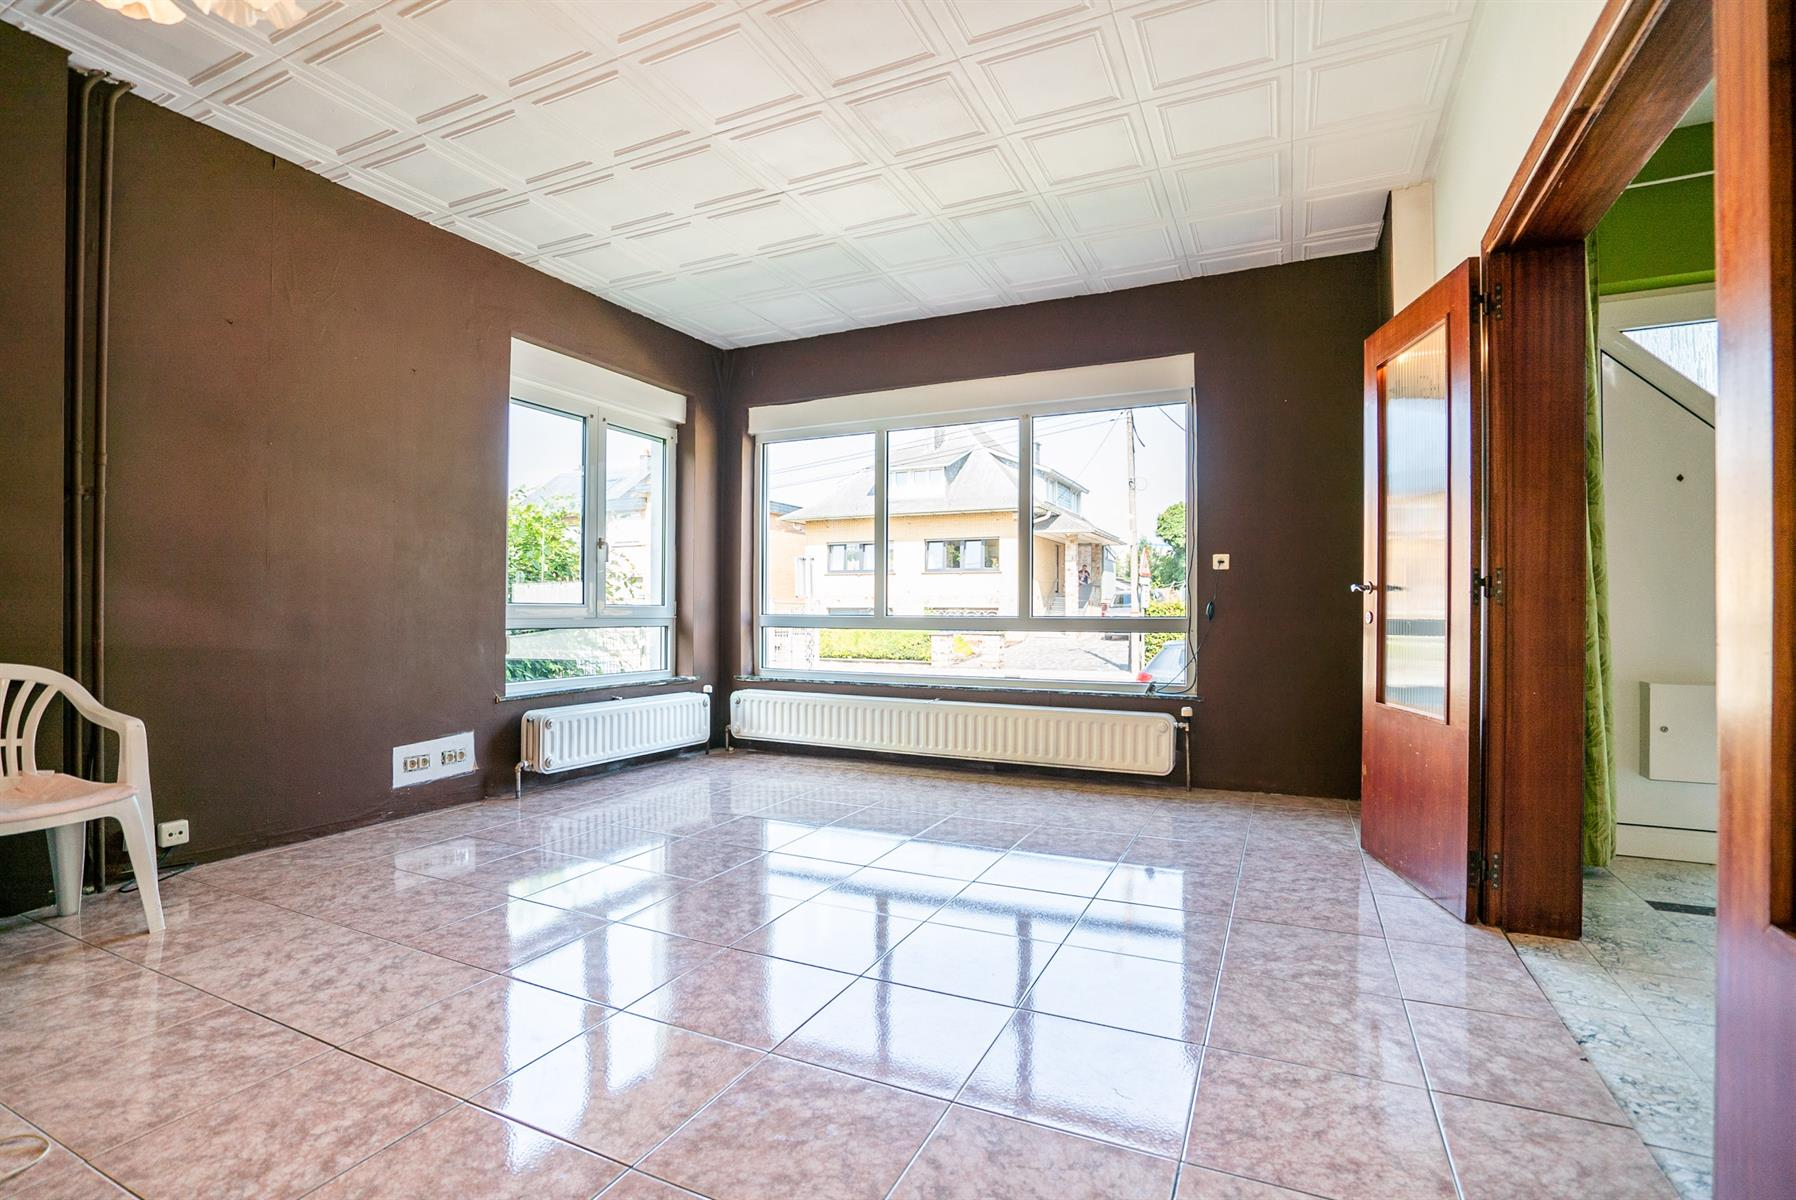 Maison - Verviers Stembert - #4406533-3